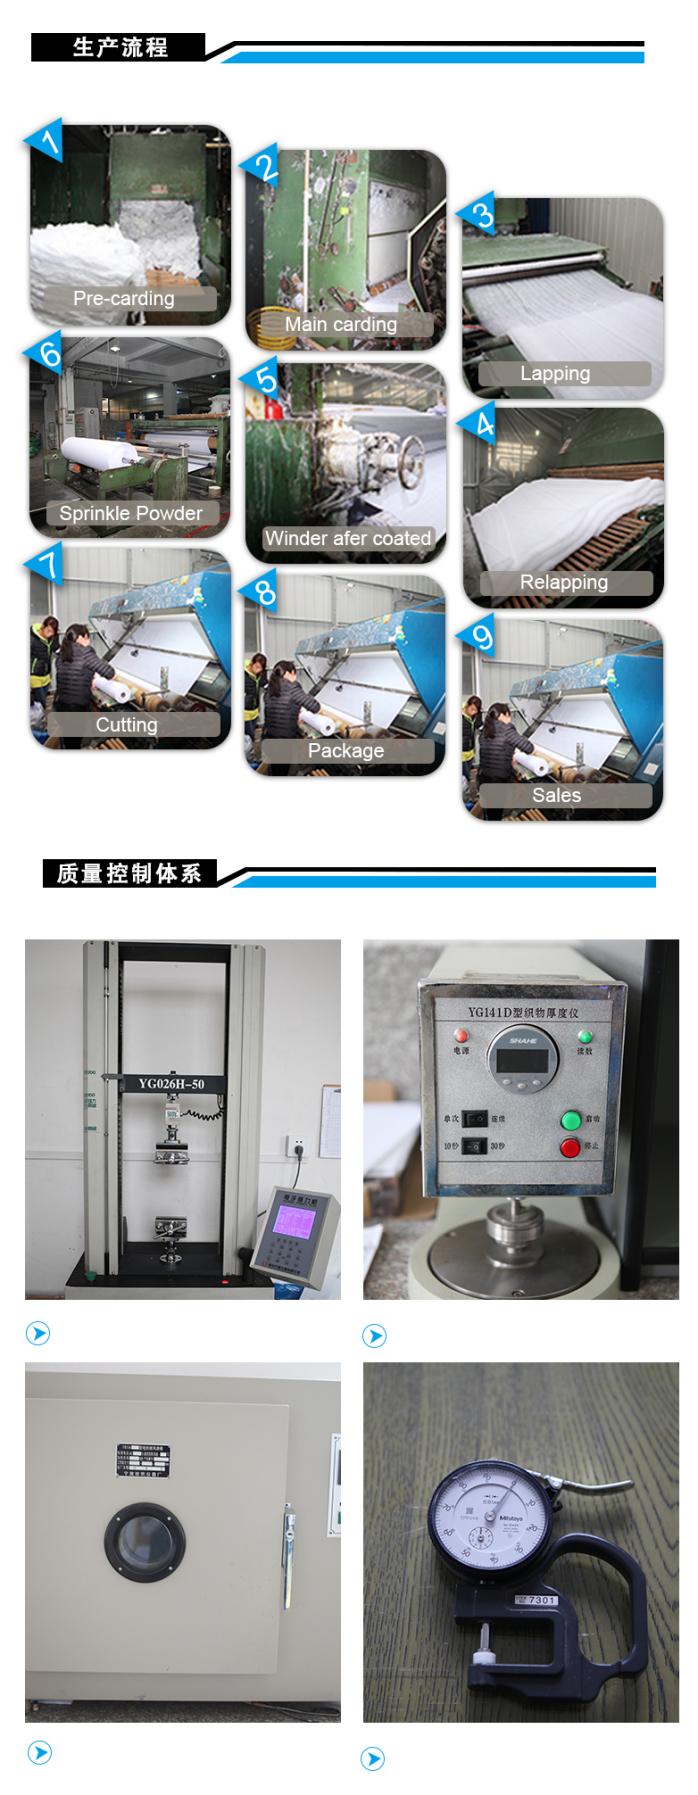 电缆中文版详情页_04.jpg